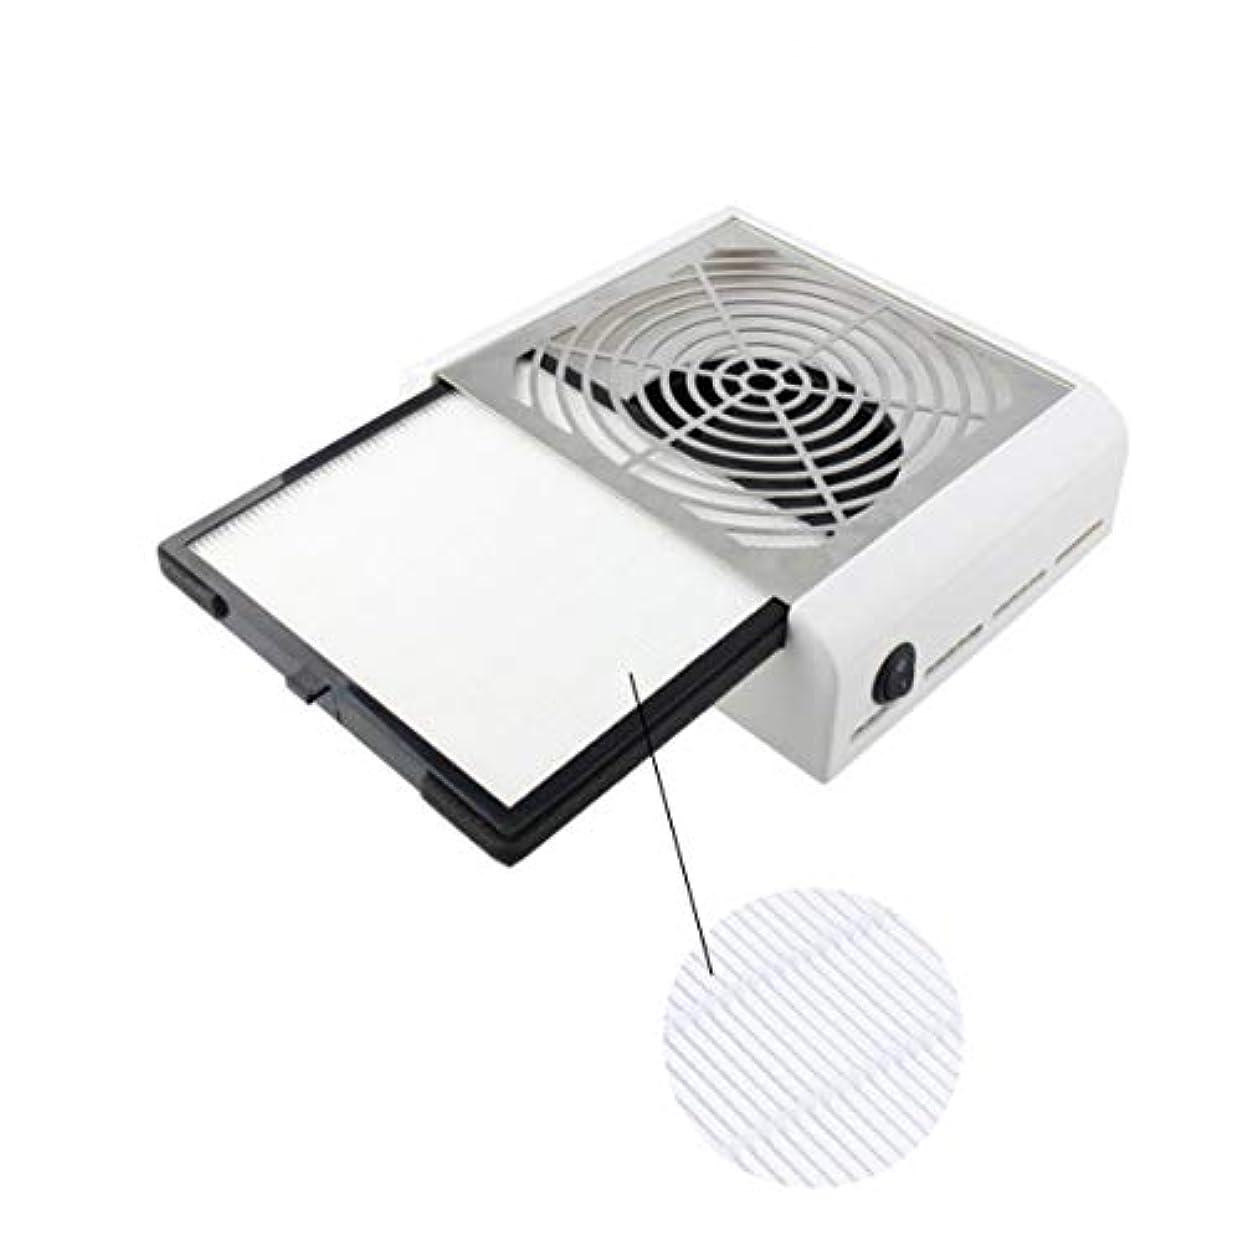 明日インキュバススポンジIntercorey Mini Nail Vacuum Cleaner Round Face With 40W High Power Filter Pull-Out Desktop Nail Cleaner Nail Dust...